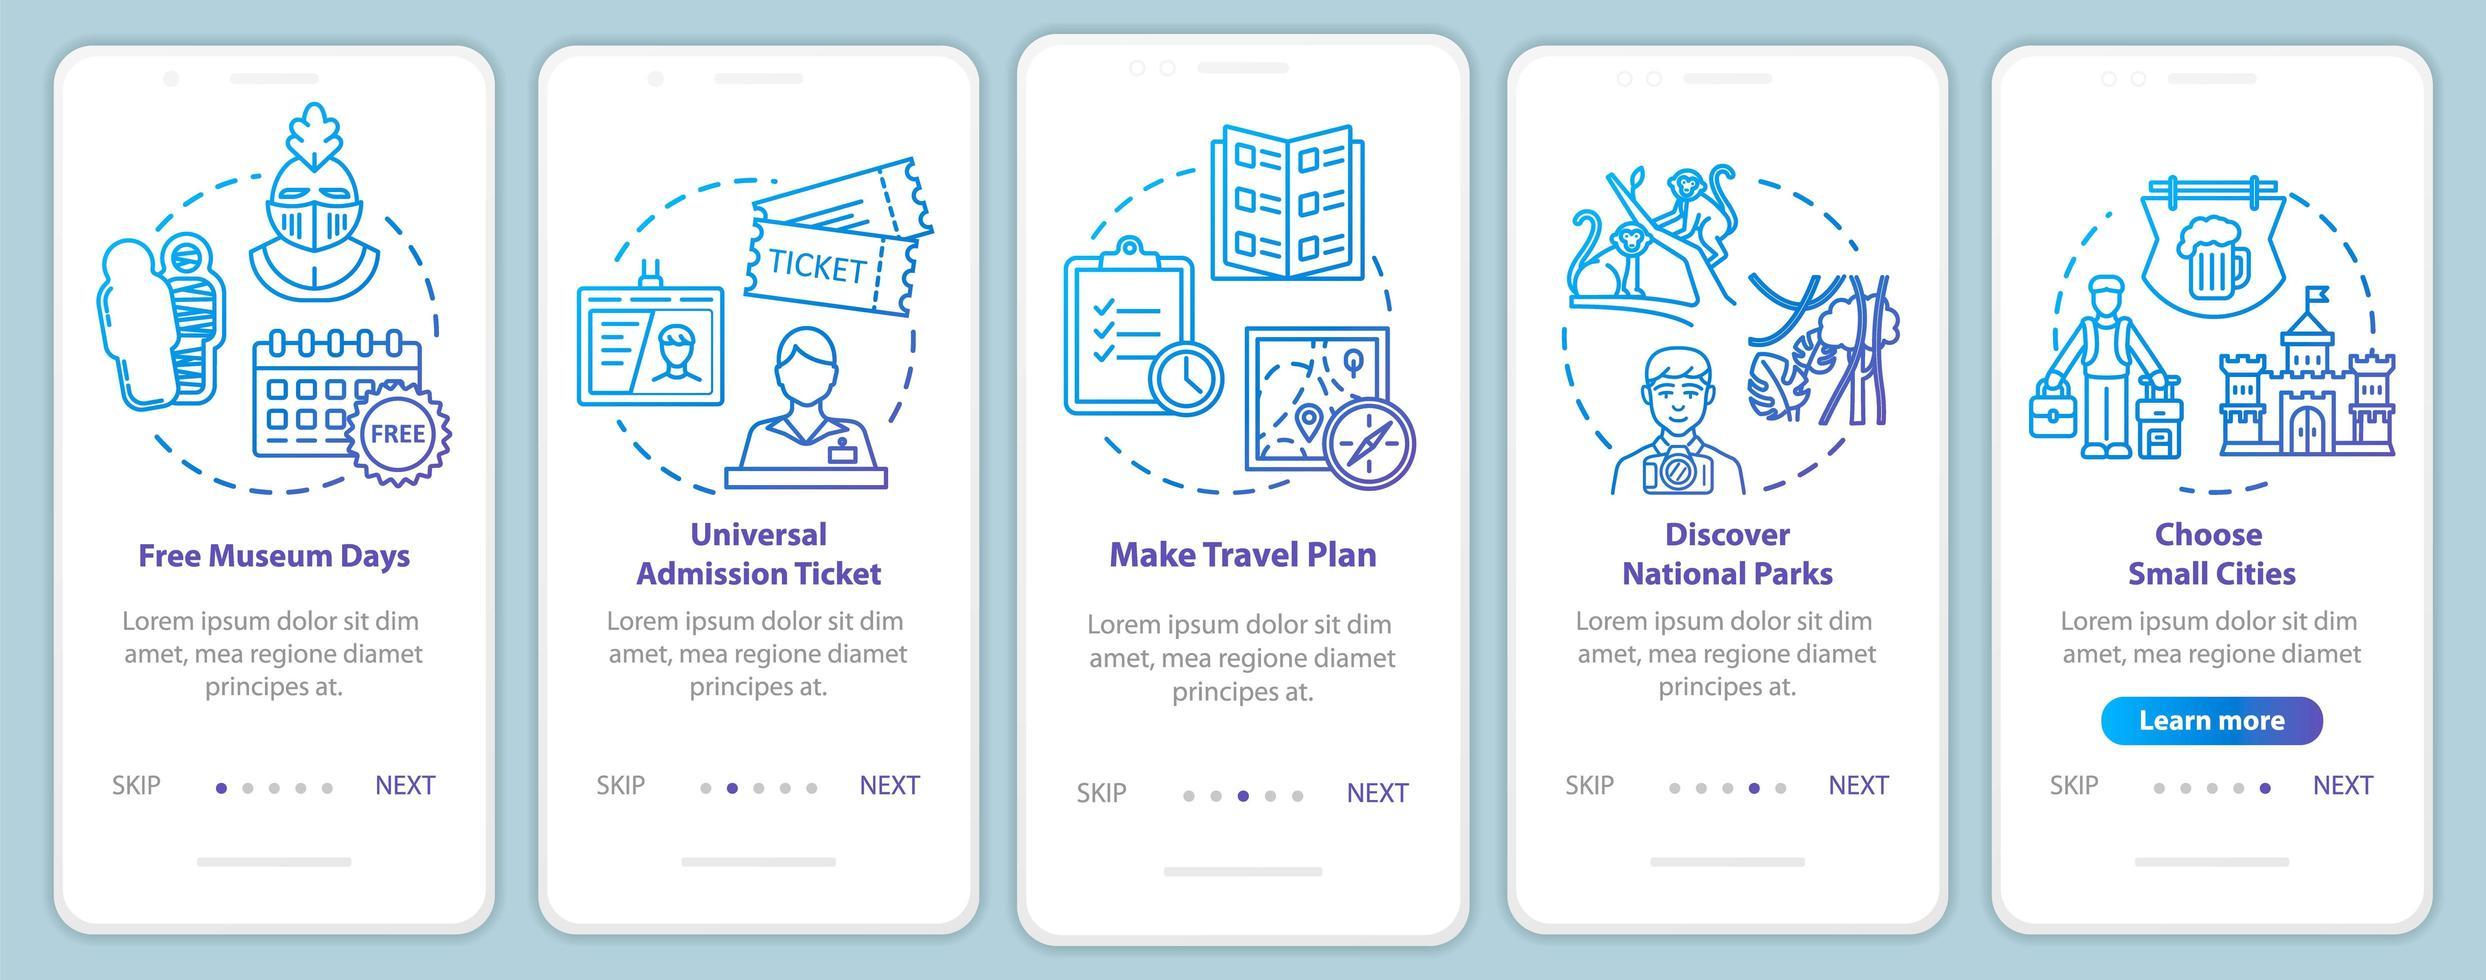 Exkursionen auf dem Bildschirm der mobilen App-Seite mit Konzepten. freie Galerien. Parks besuchen. vektor